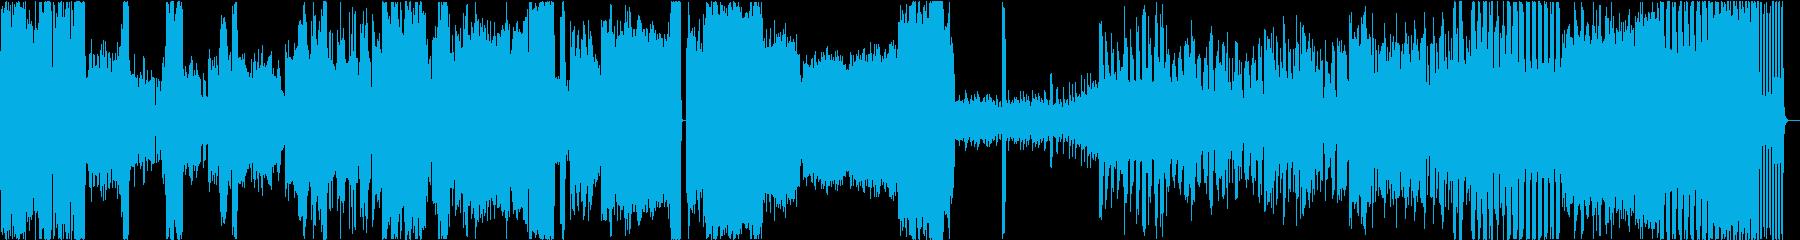 ラヴェルのピアノ曲をクラシカルにアレンジの再生済みの波形